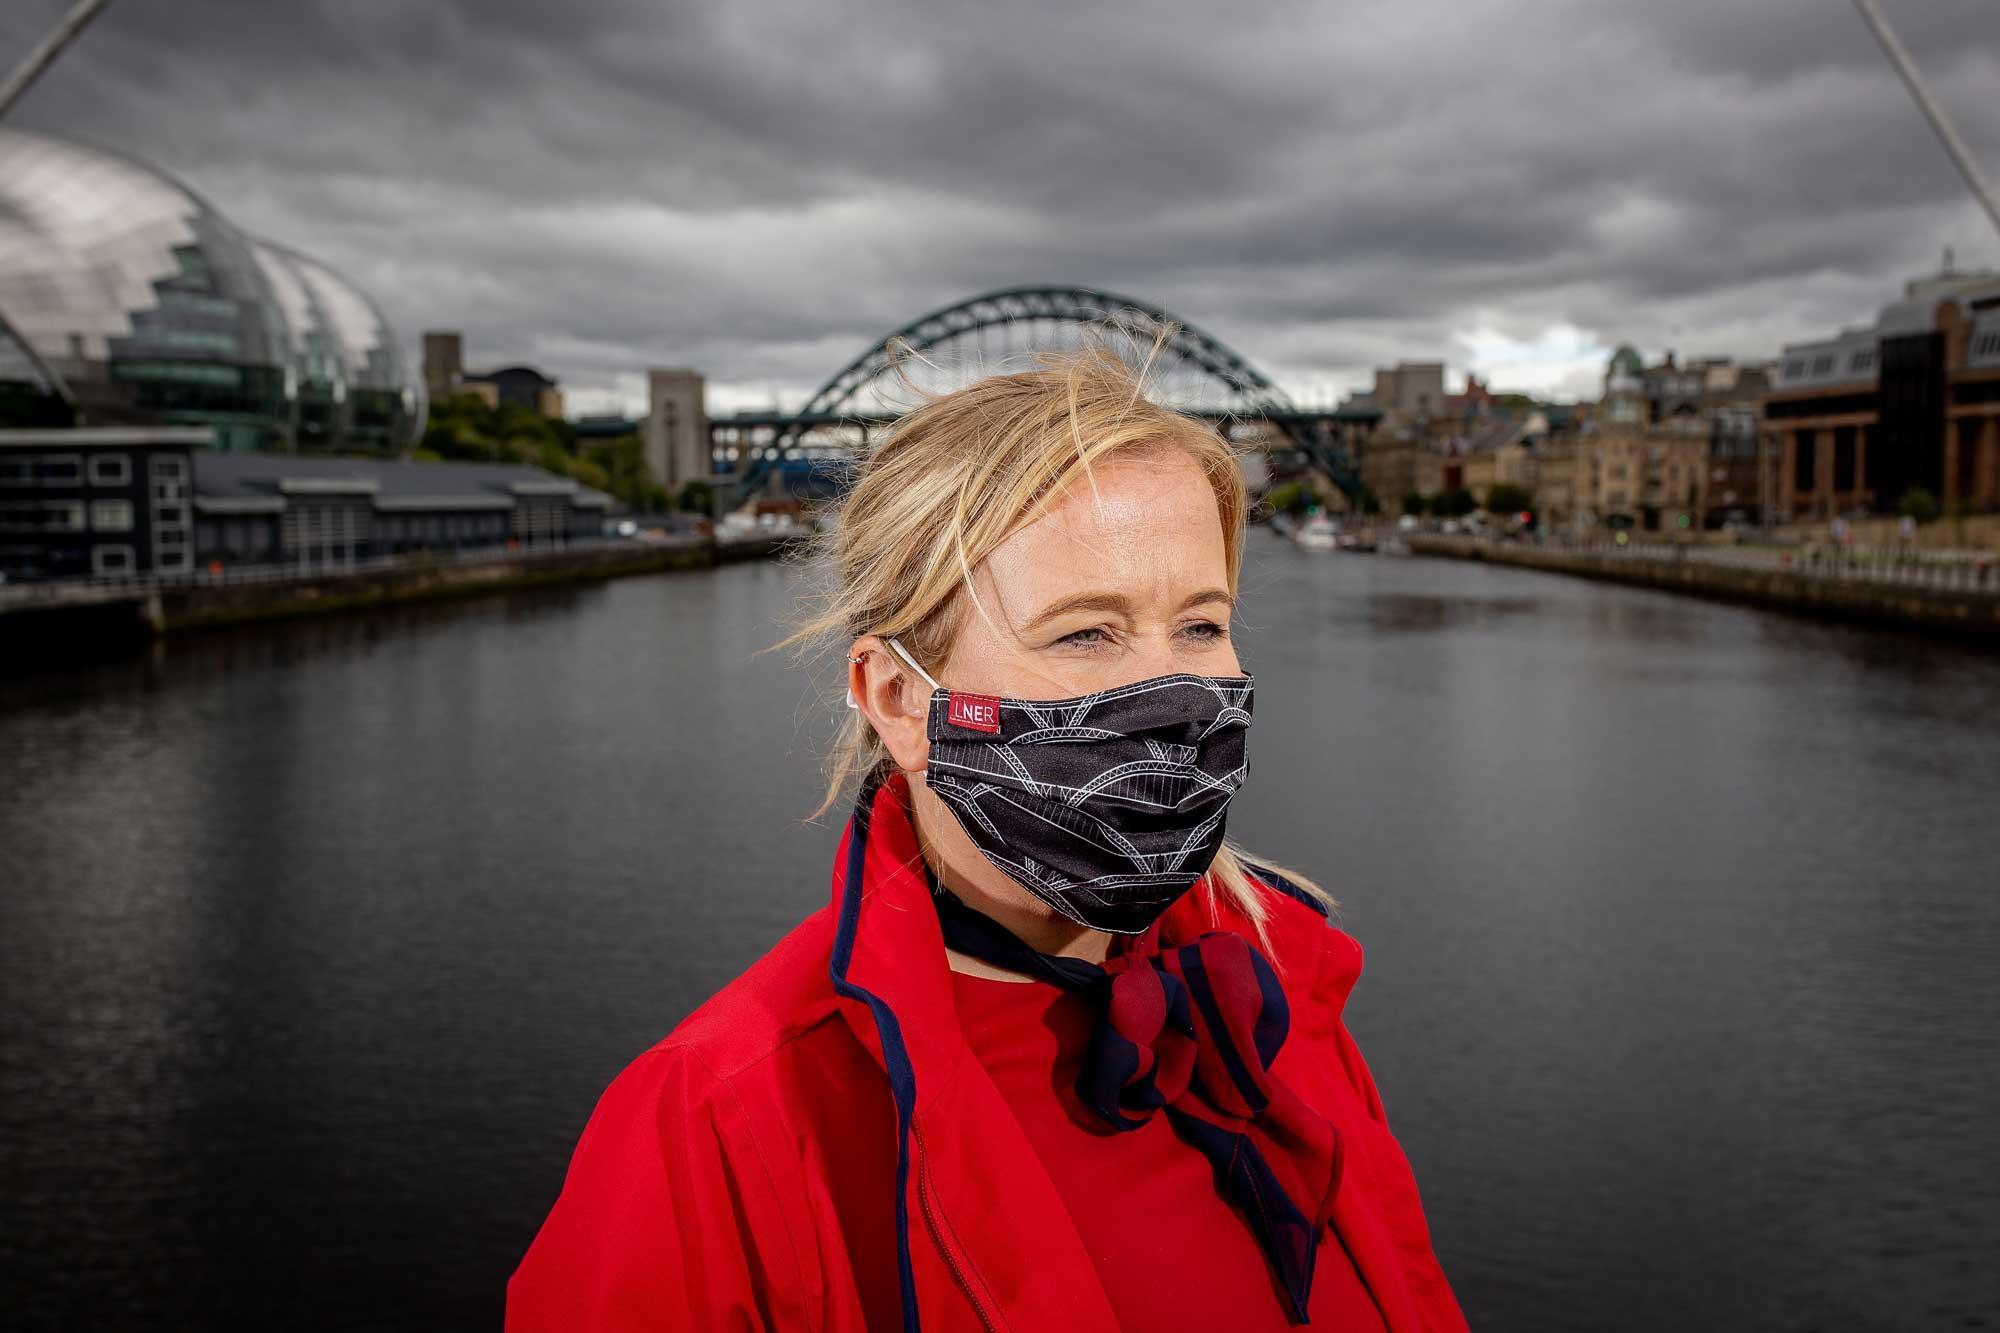 LNER-Face-coverings-Newcastle.jpg